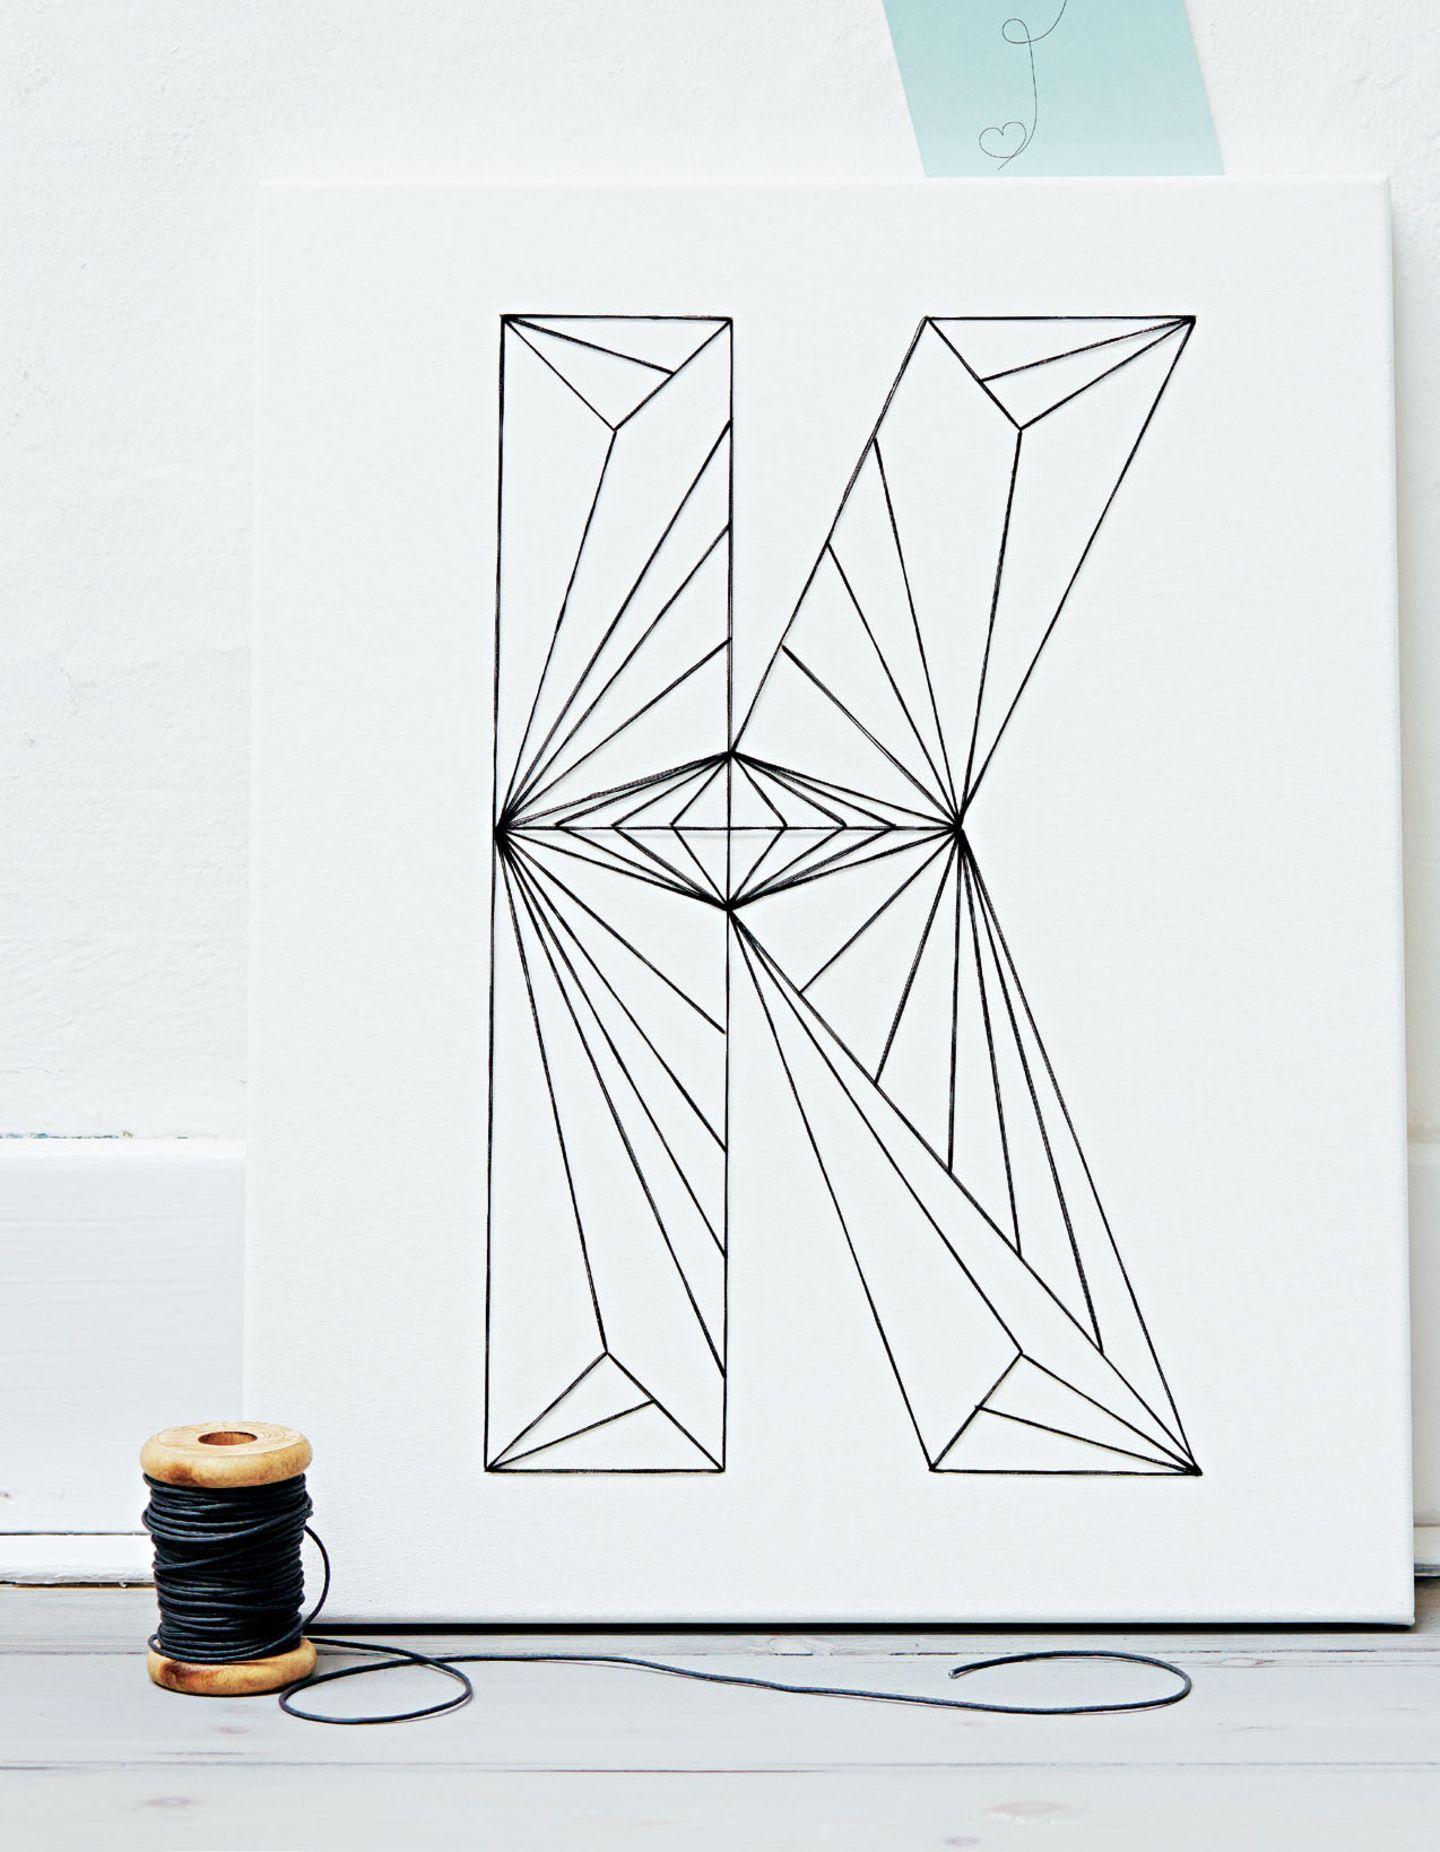 """Ob auf Tassen, Kissen oder Möbeln: Typografie ist Trend, und mit unseren kreativen Ideen kannst du Buchstaben zum Deko-Statement machen - genäht, gesteckt, lackiert, gestempelt ...      Fadenletter        Erst zeichnen, dann von Hand aufnähen - dieses kleine Kunstwerk verlangt ein klein bisschen Fingerspitzengefühl.      40 cm x 50 cm      Material:1 Keilrahmen, 40 x 50 cm (z. B. über www.staffeleien-shop.de), mehrfädiges Baumwoll-Stopfgarn in Schwarz (z. B. """"Anchor Stranded Cotton Mouliné"""" von Coats), Stopfnadel, Schere, Bleistift, Karopapier, Geodreieck, Kopierer, Stecknadeln, Maskingtape."""